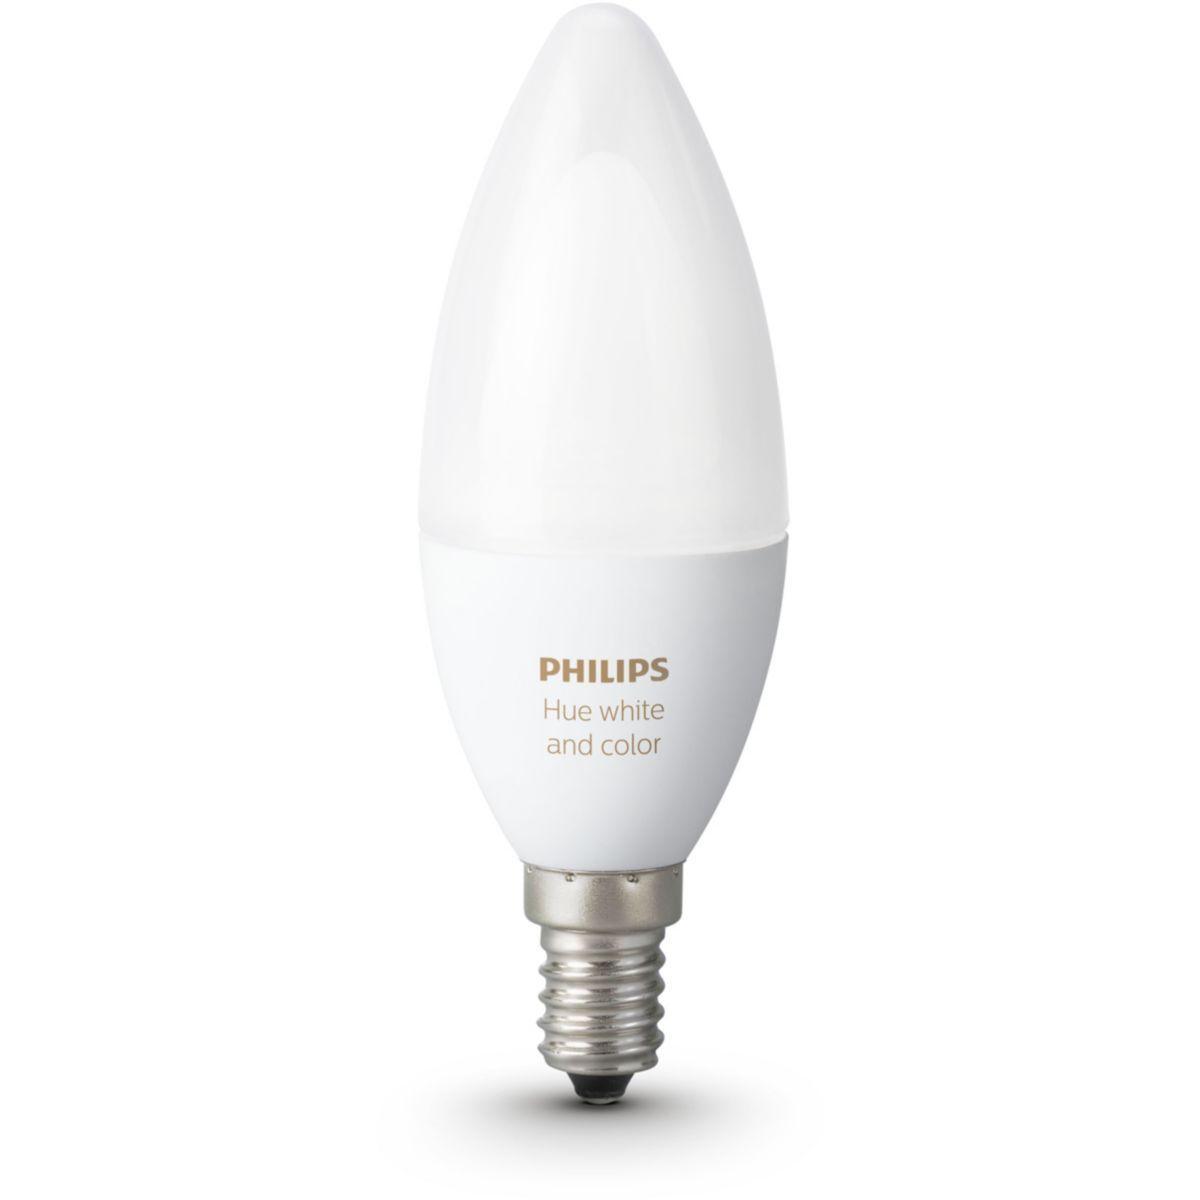 Ampoule connectable philips e14 hue white & colors - livraison offerte : code liv (photo)